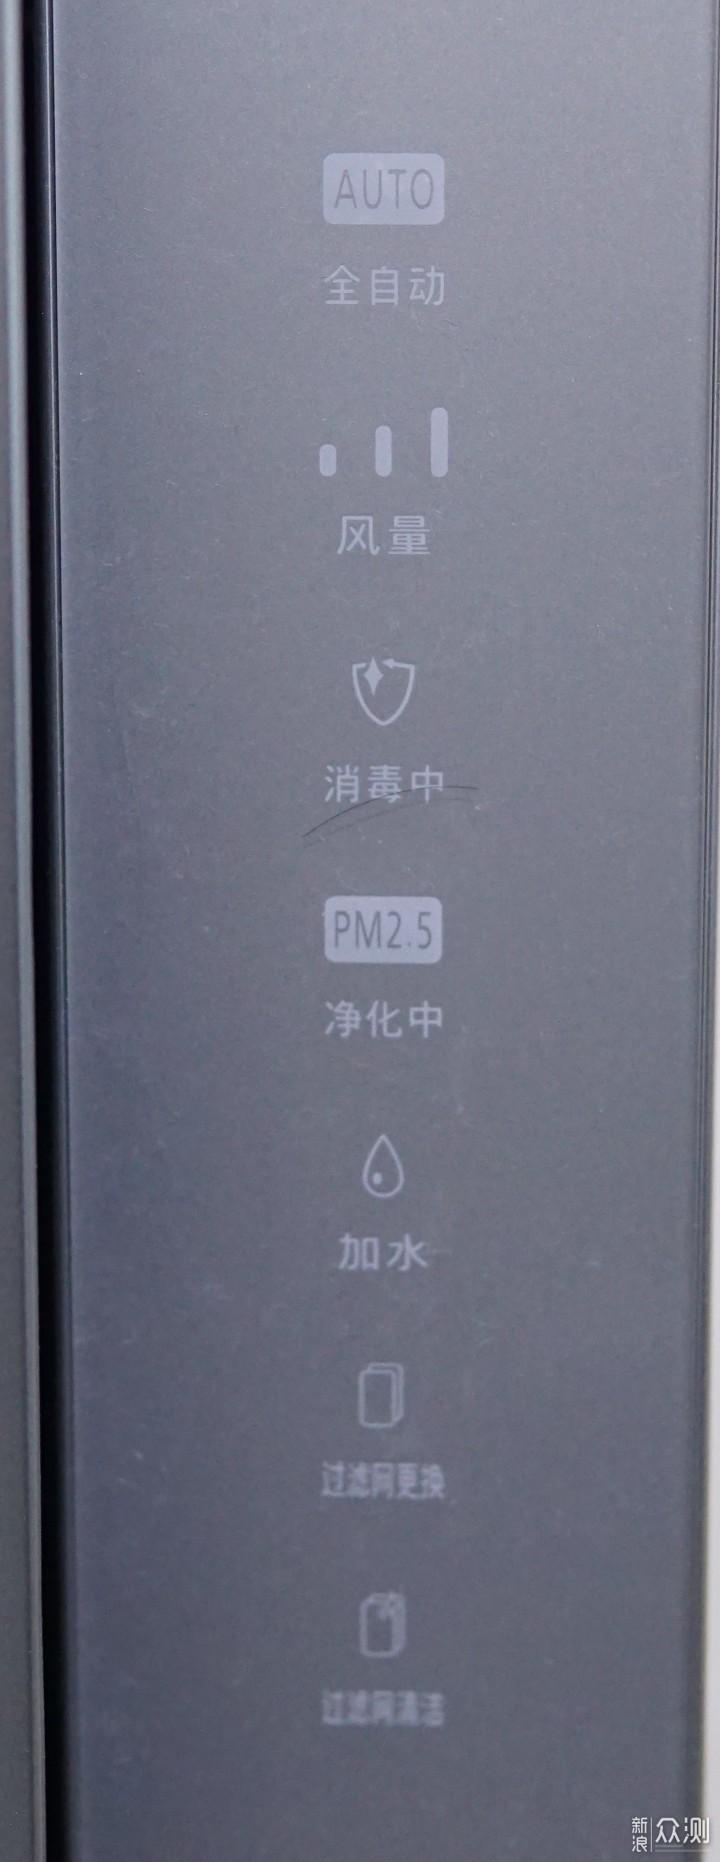 #双十一#松下空气消毒机F-VJL90C2使用评测_新浪众测